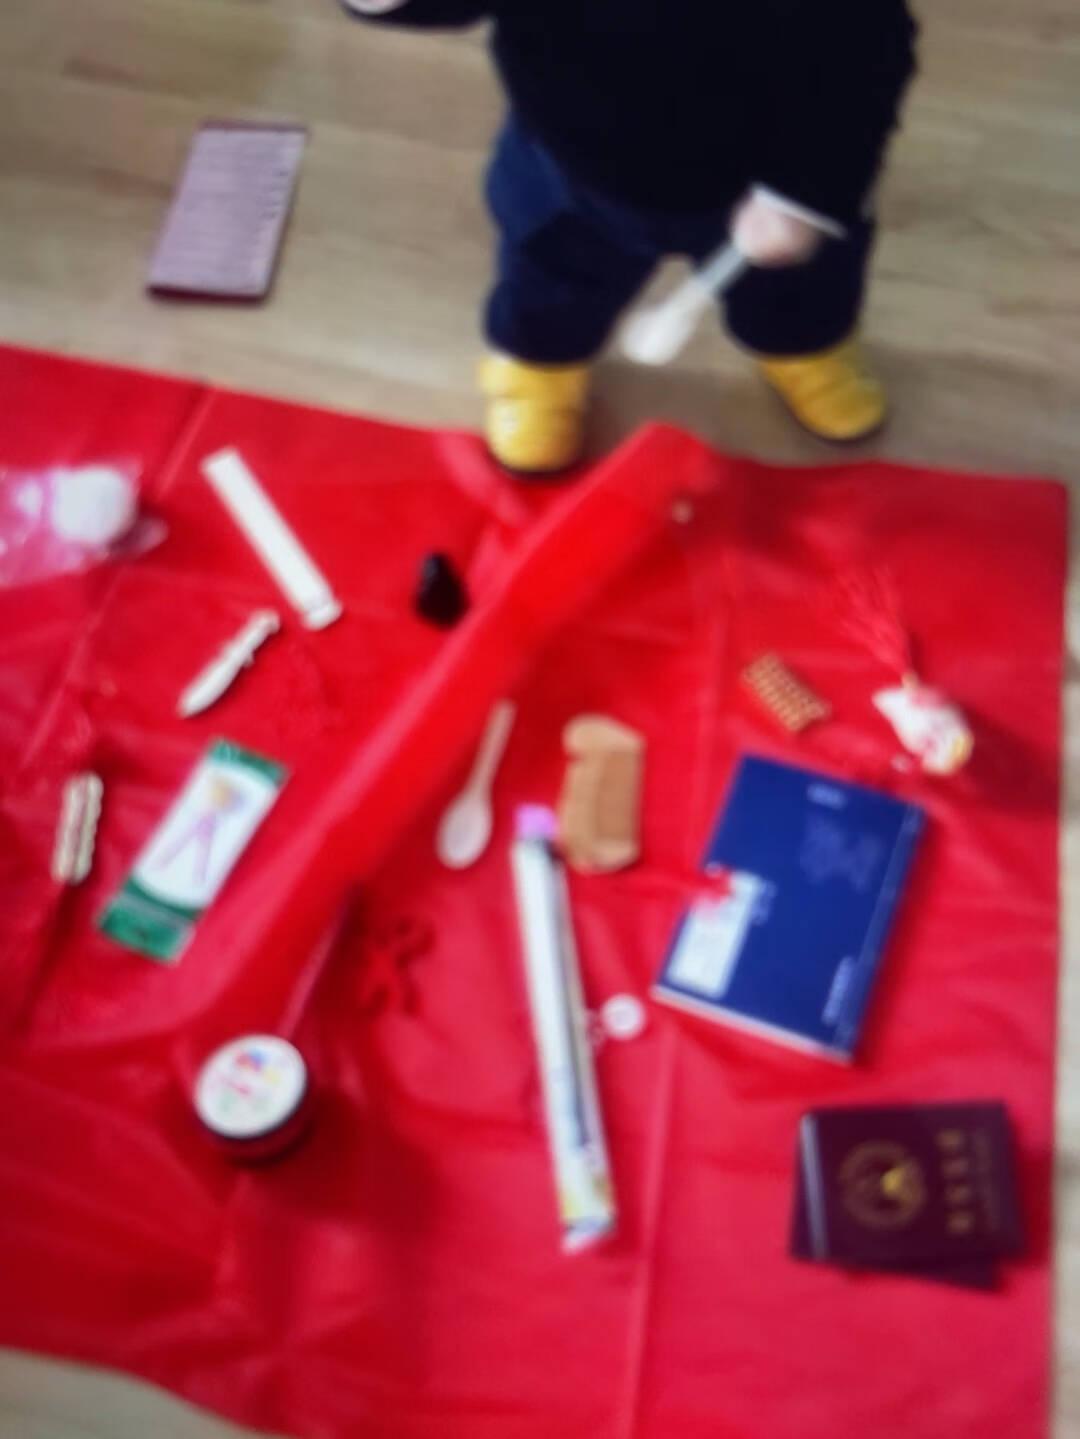 抓周用品男宝一周岁女宝抓周物品婴儿生日礼物传统中式抓阄道具小孩周岁生日布置玩具套装百里挑一(五万好评认证加量不加价)七仓次日达